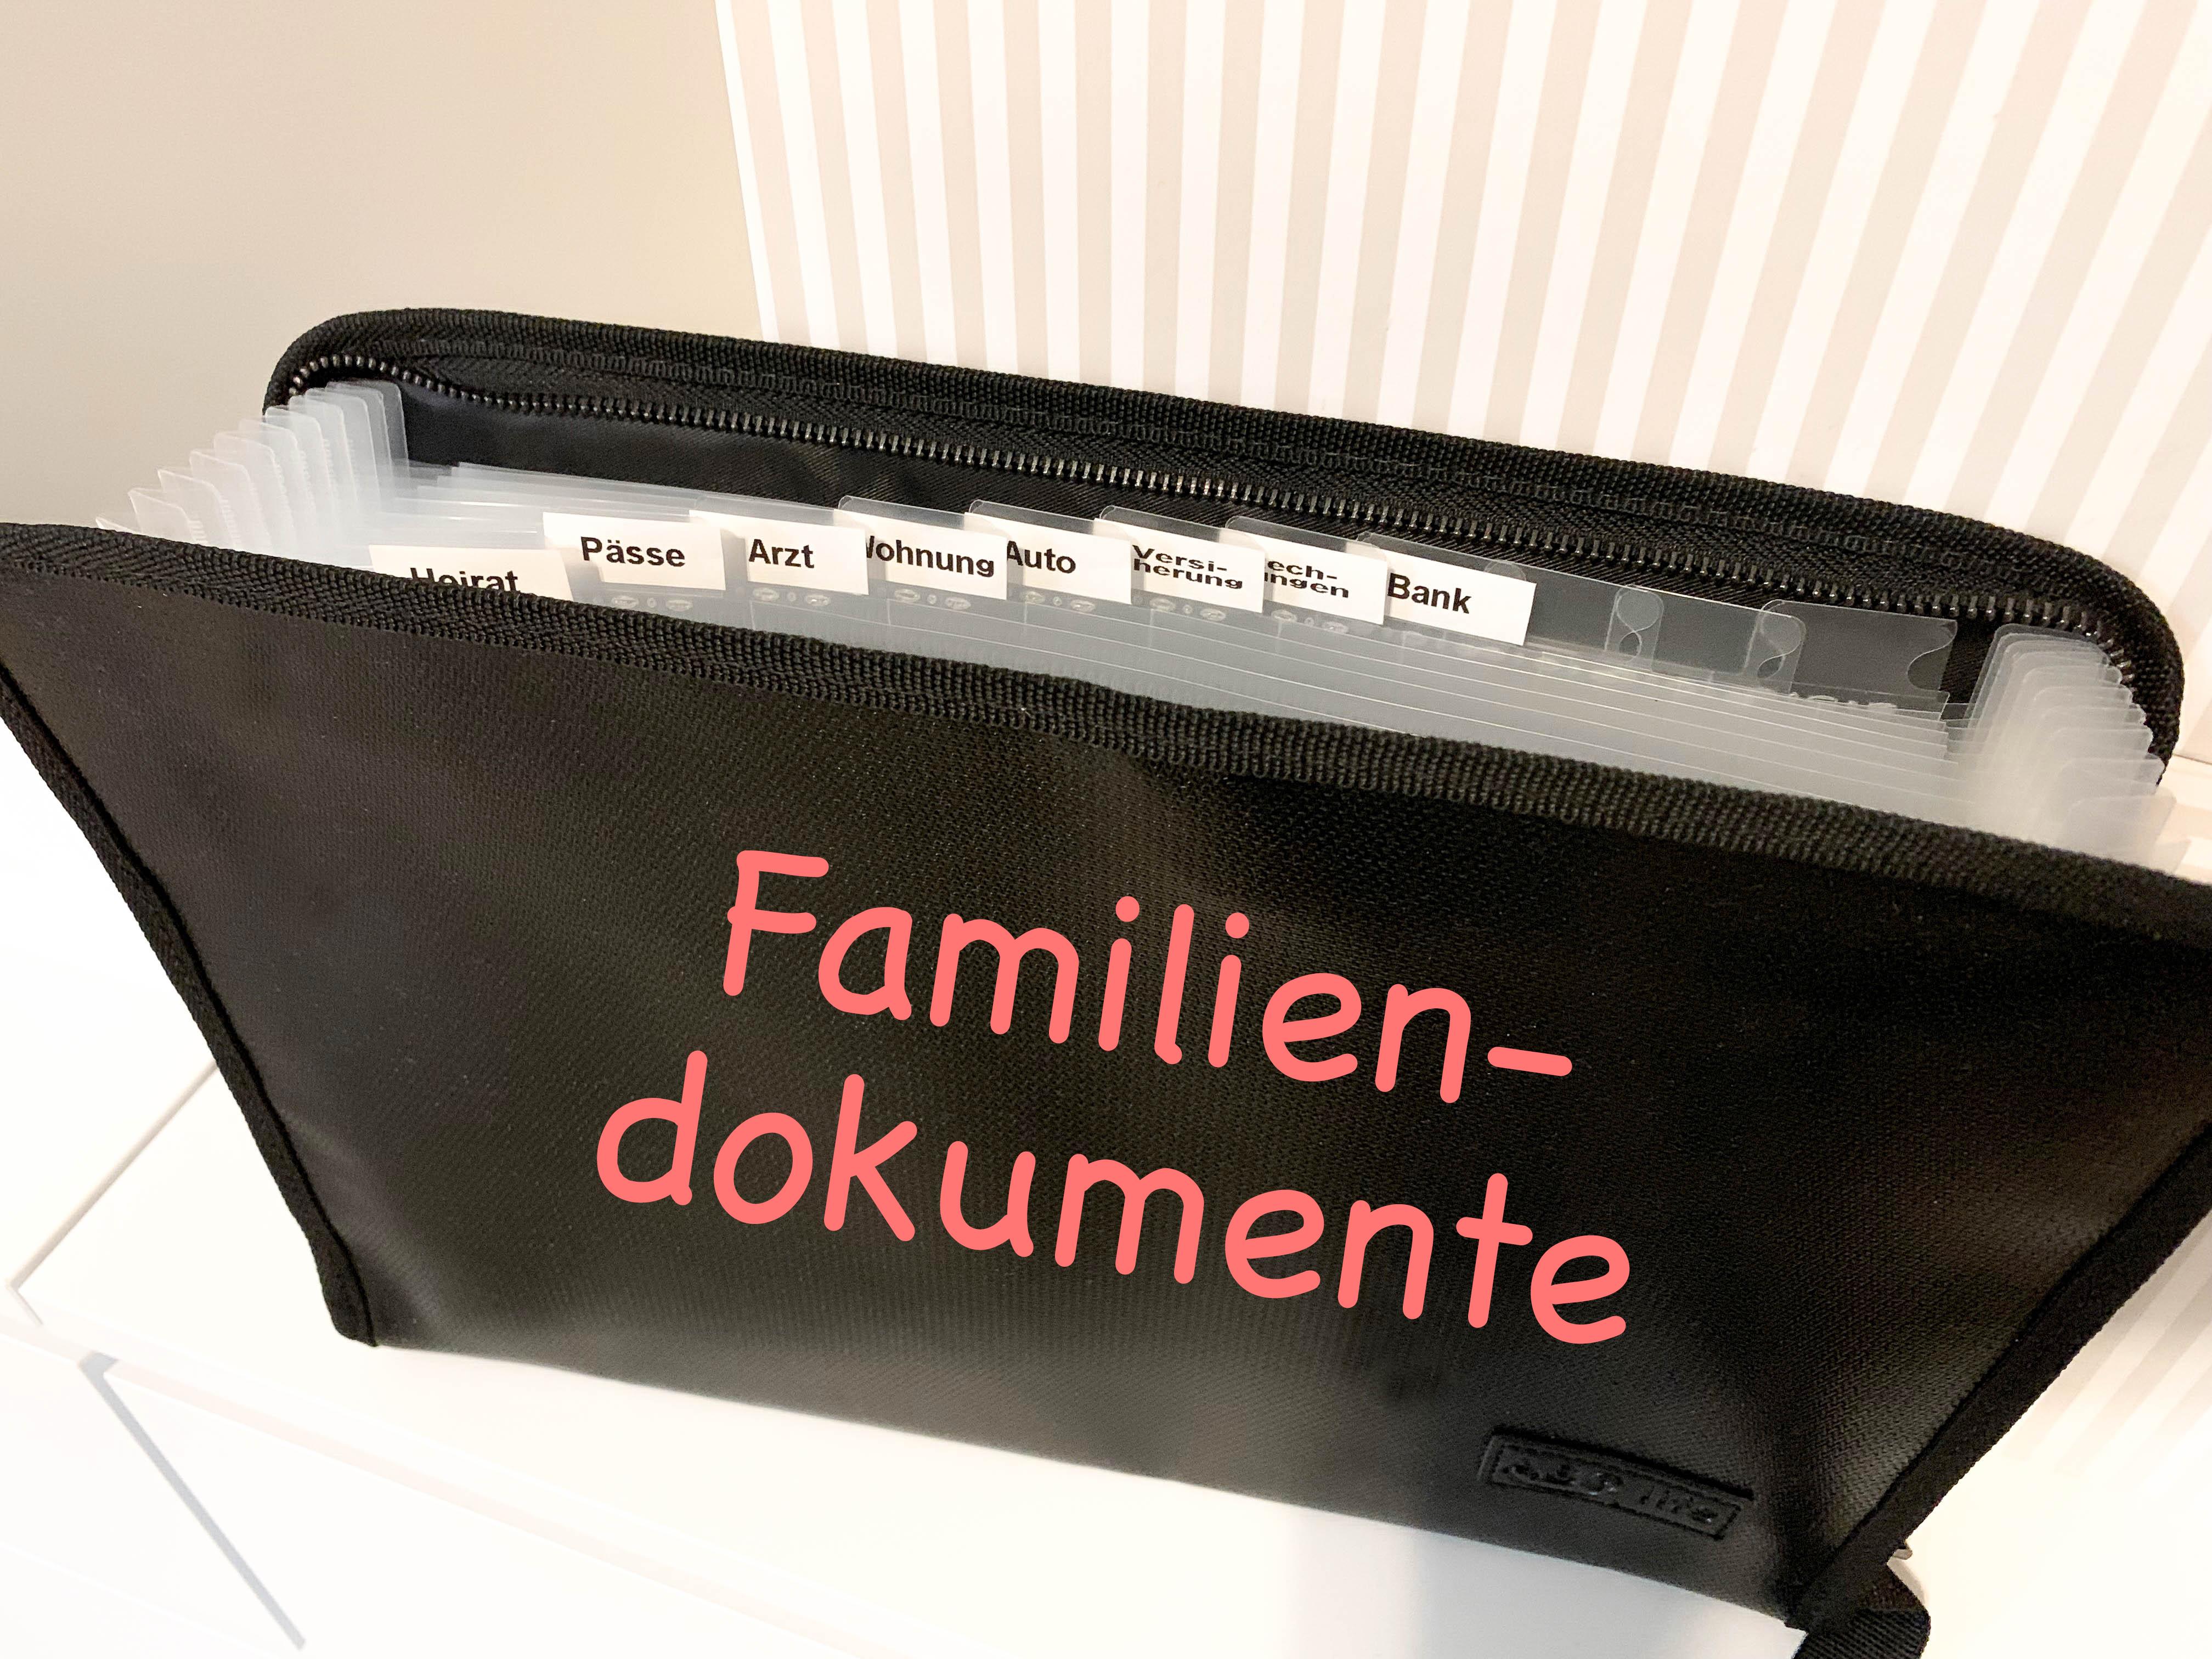 Dokumente, Familie, Familiendokumente, Ablage, Papierablage, Organisation, Mama, Kinder, Dokumentenmappe, ausmisten